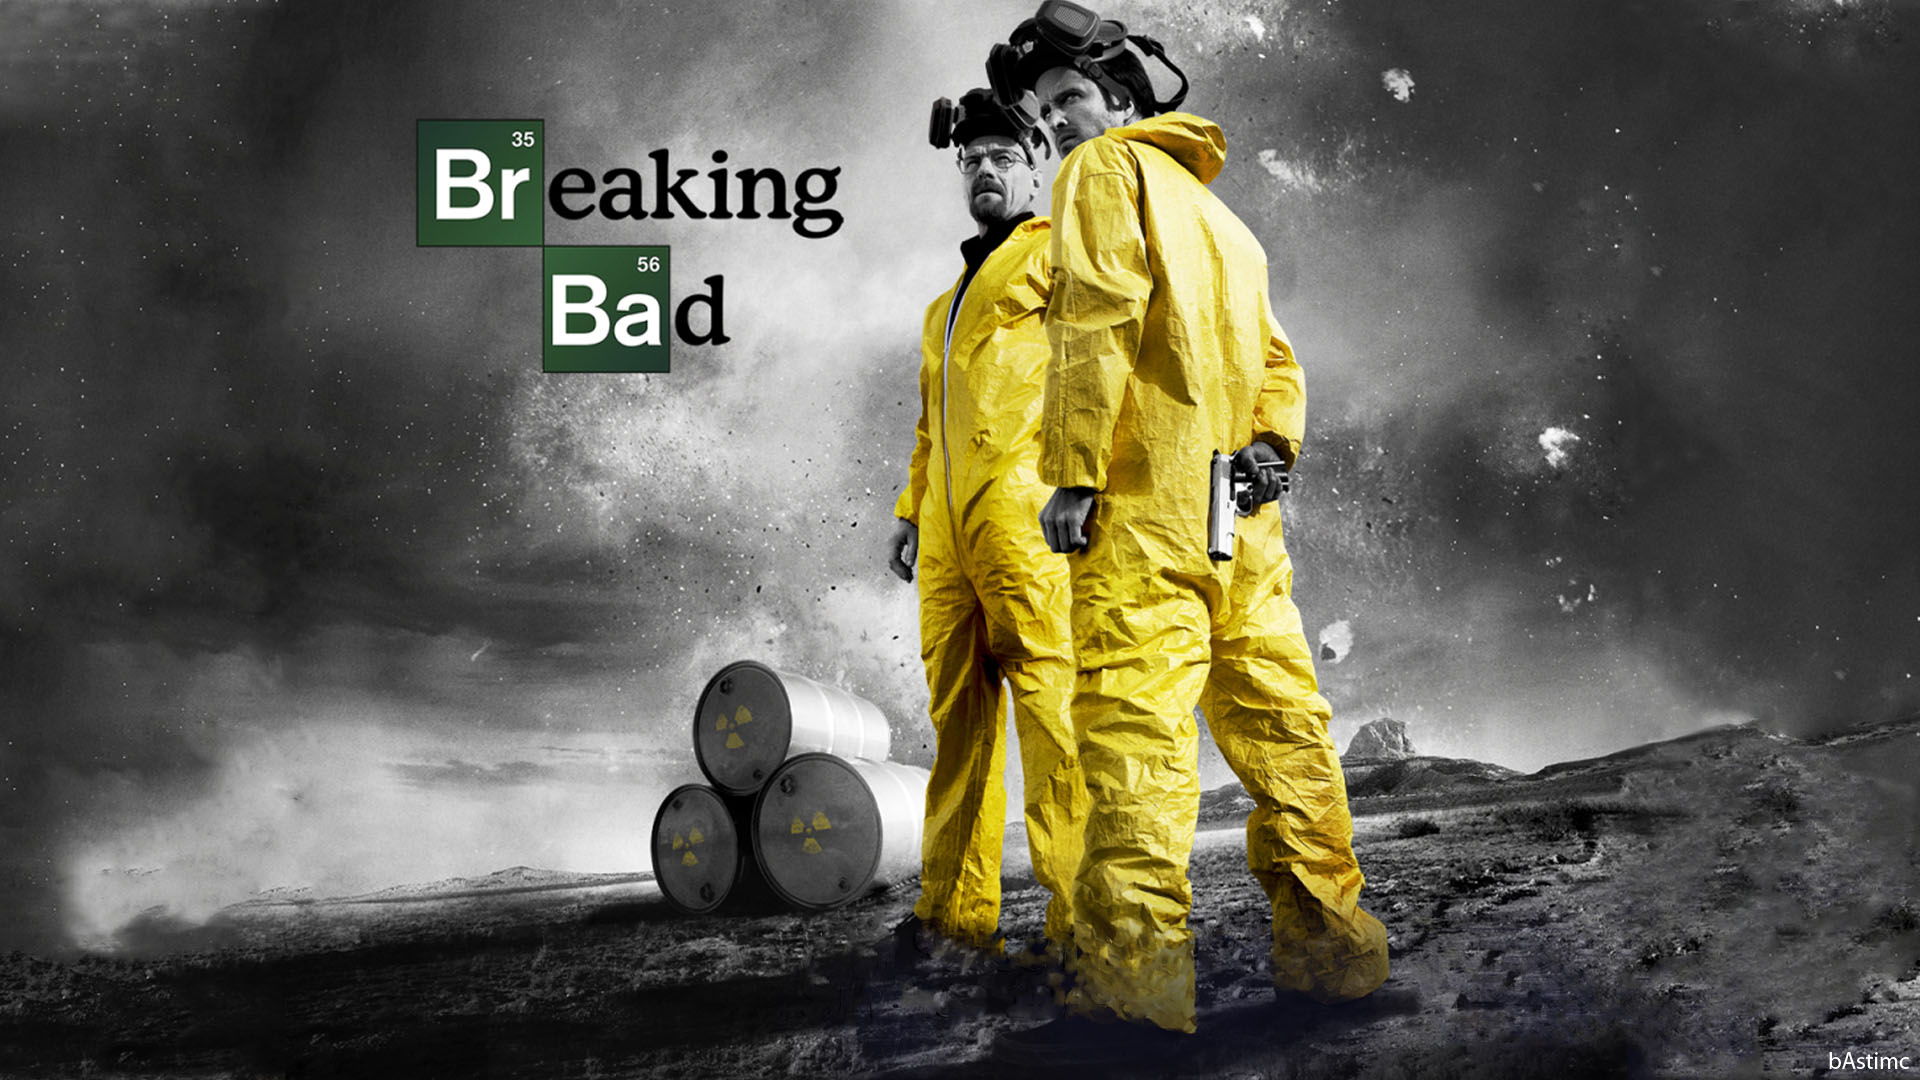 Breaking Bad Wallpaper